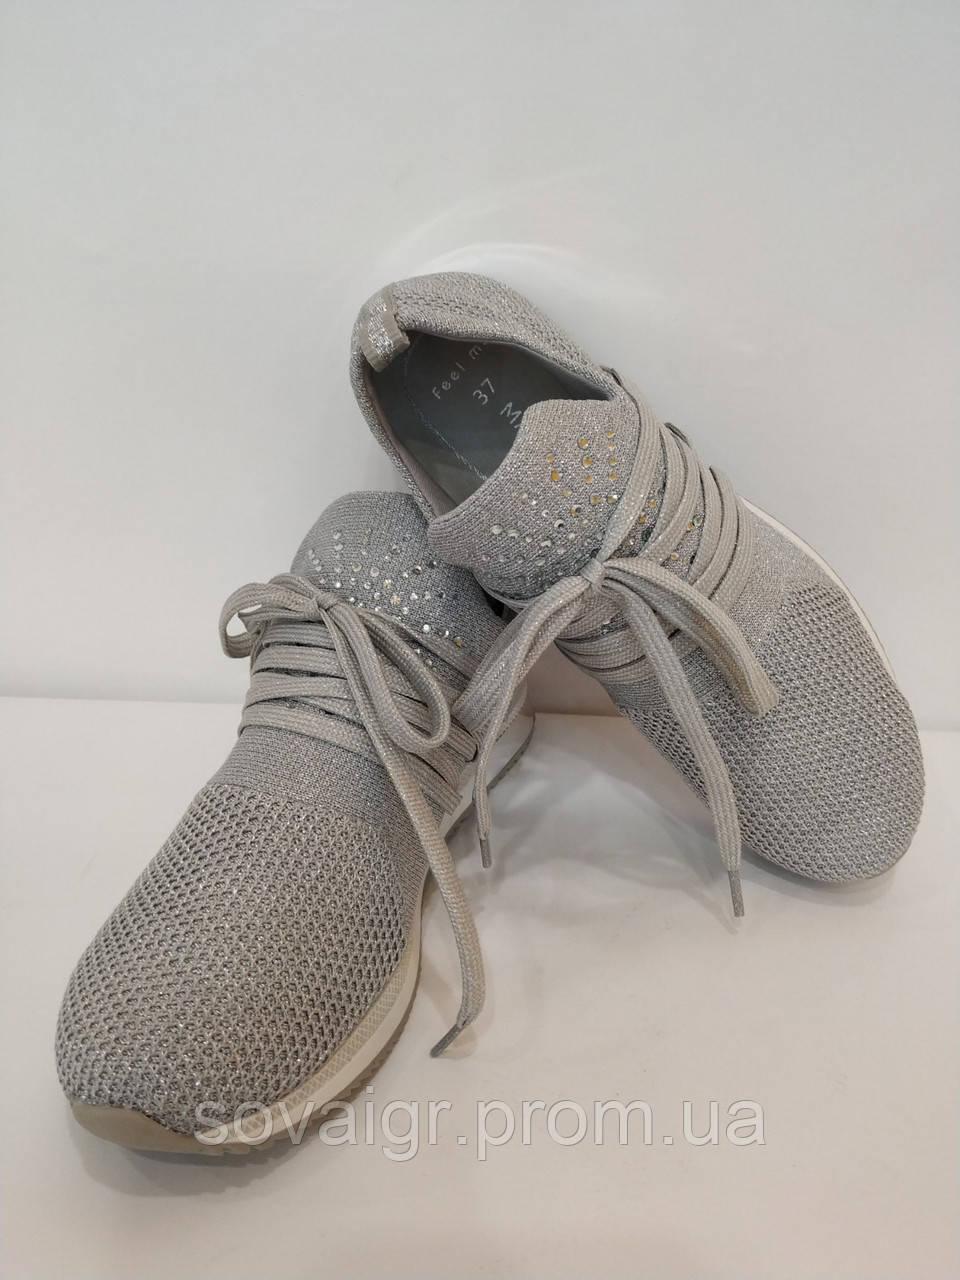 Подростковые кроссовки для девочки Marco Tozzi